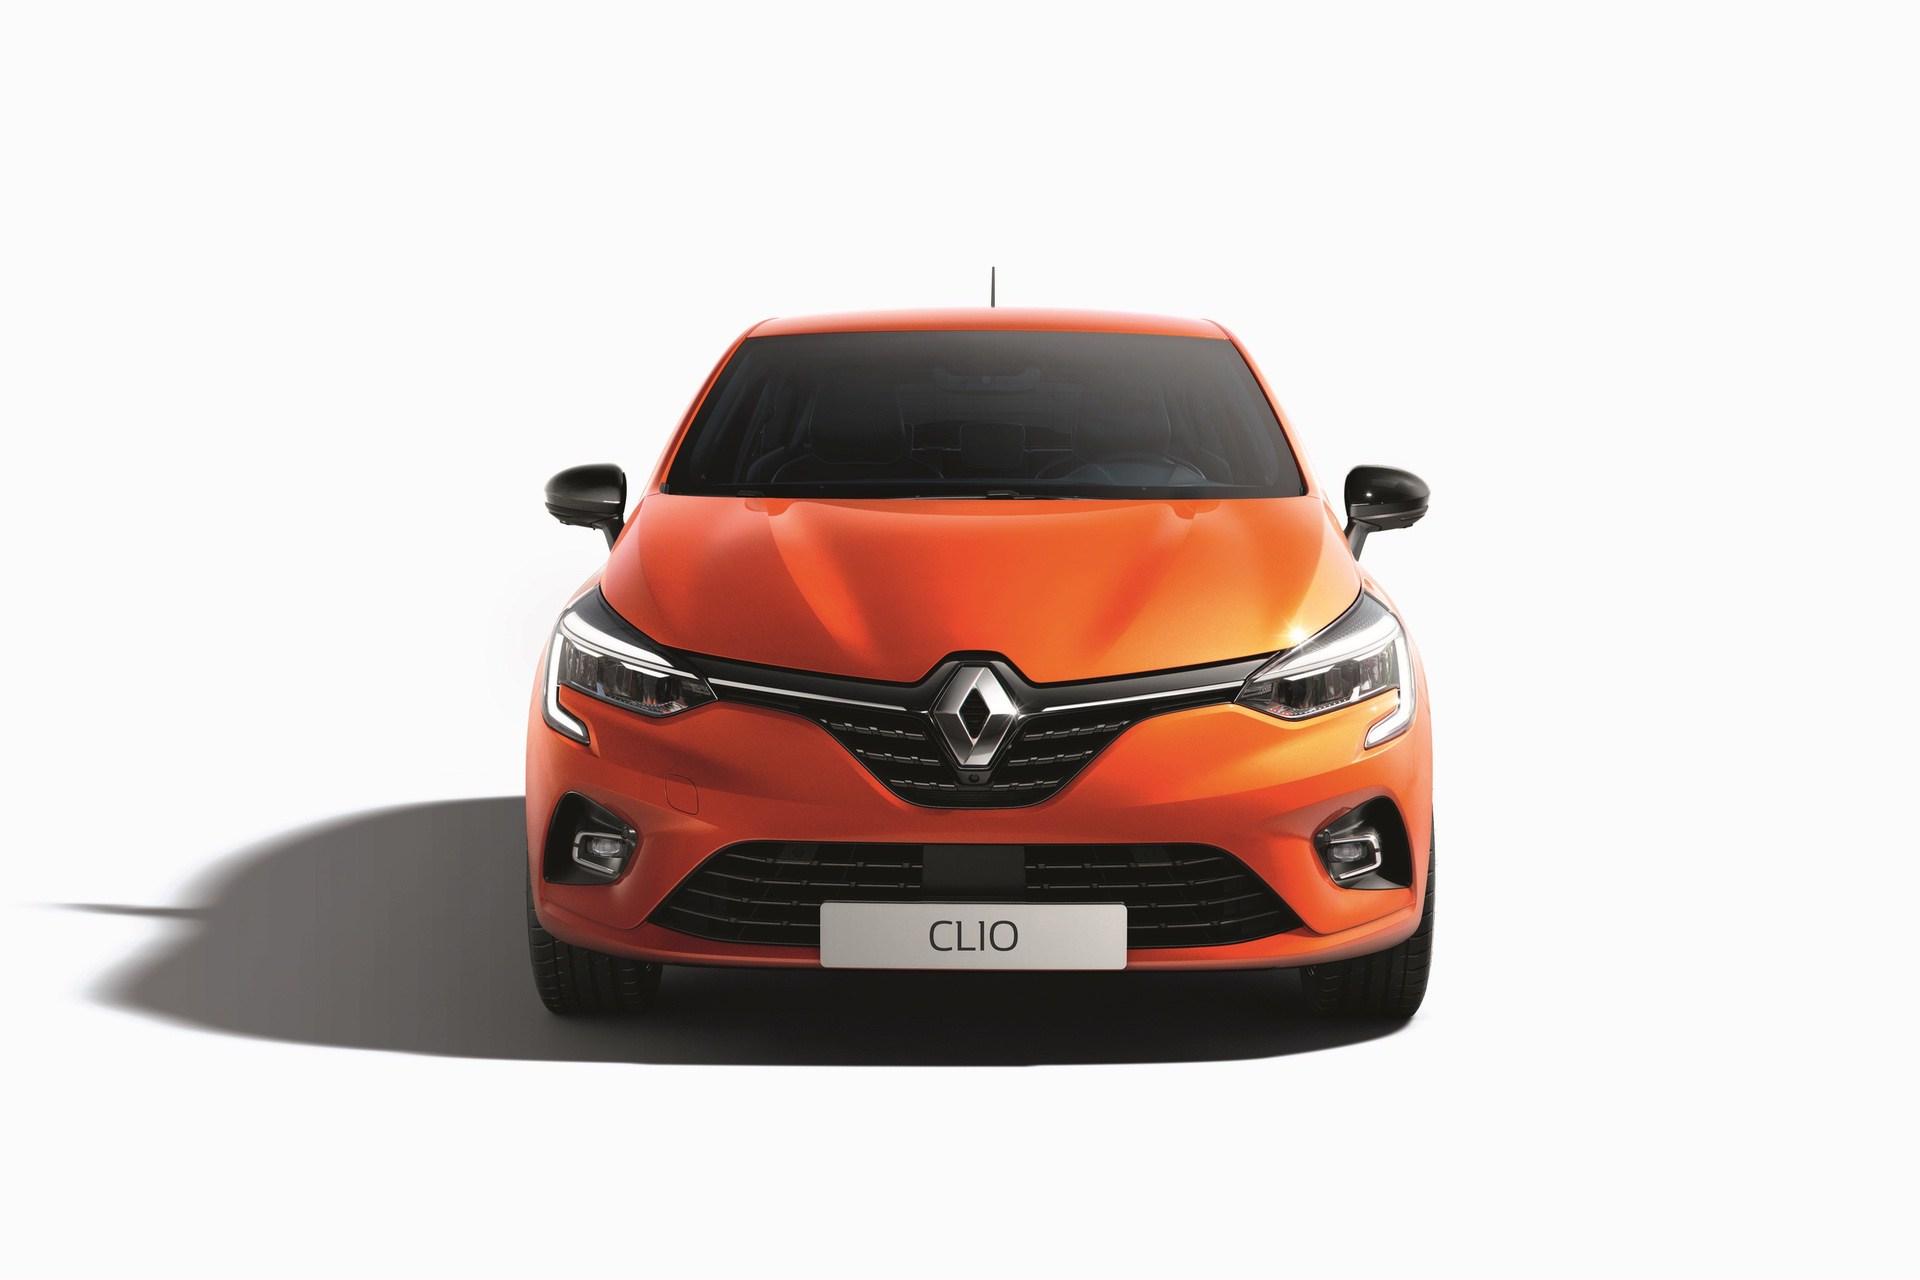 2019 - Nouvelle Renault CLIO